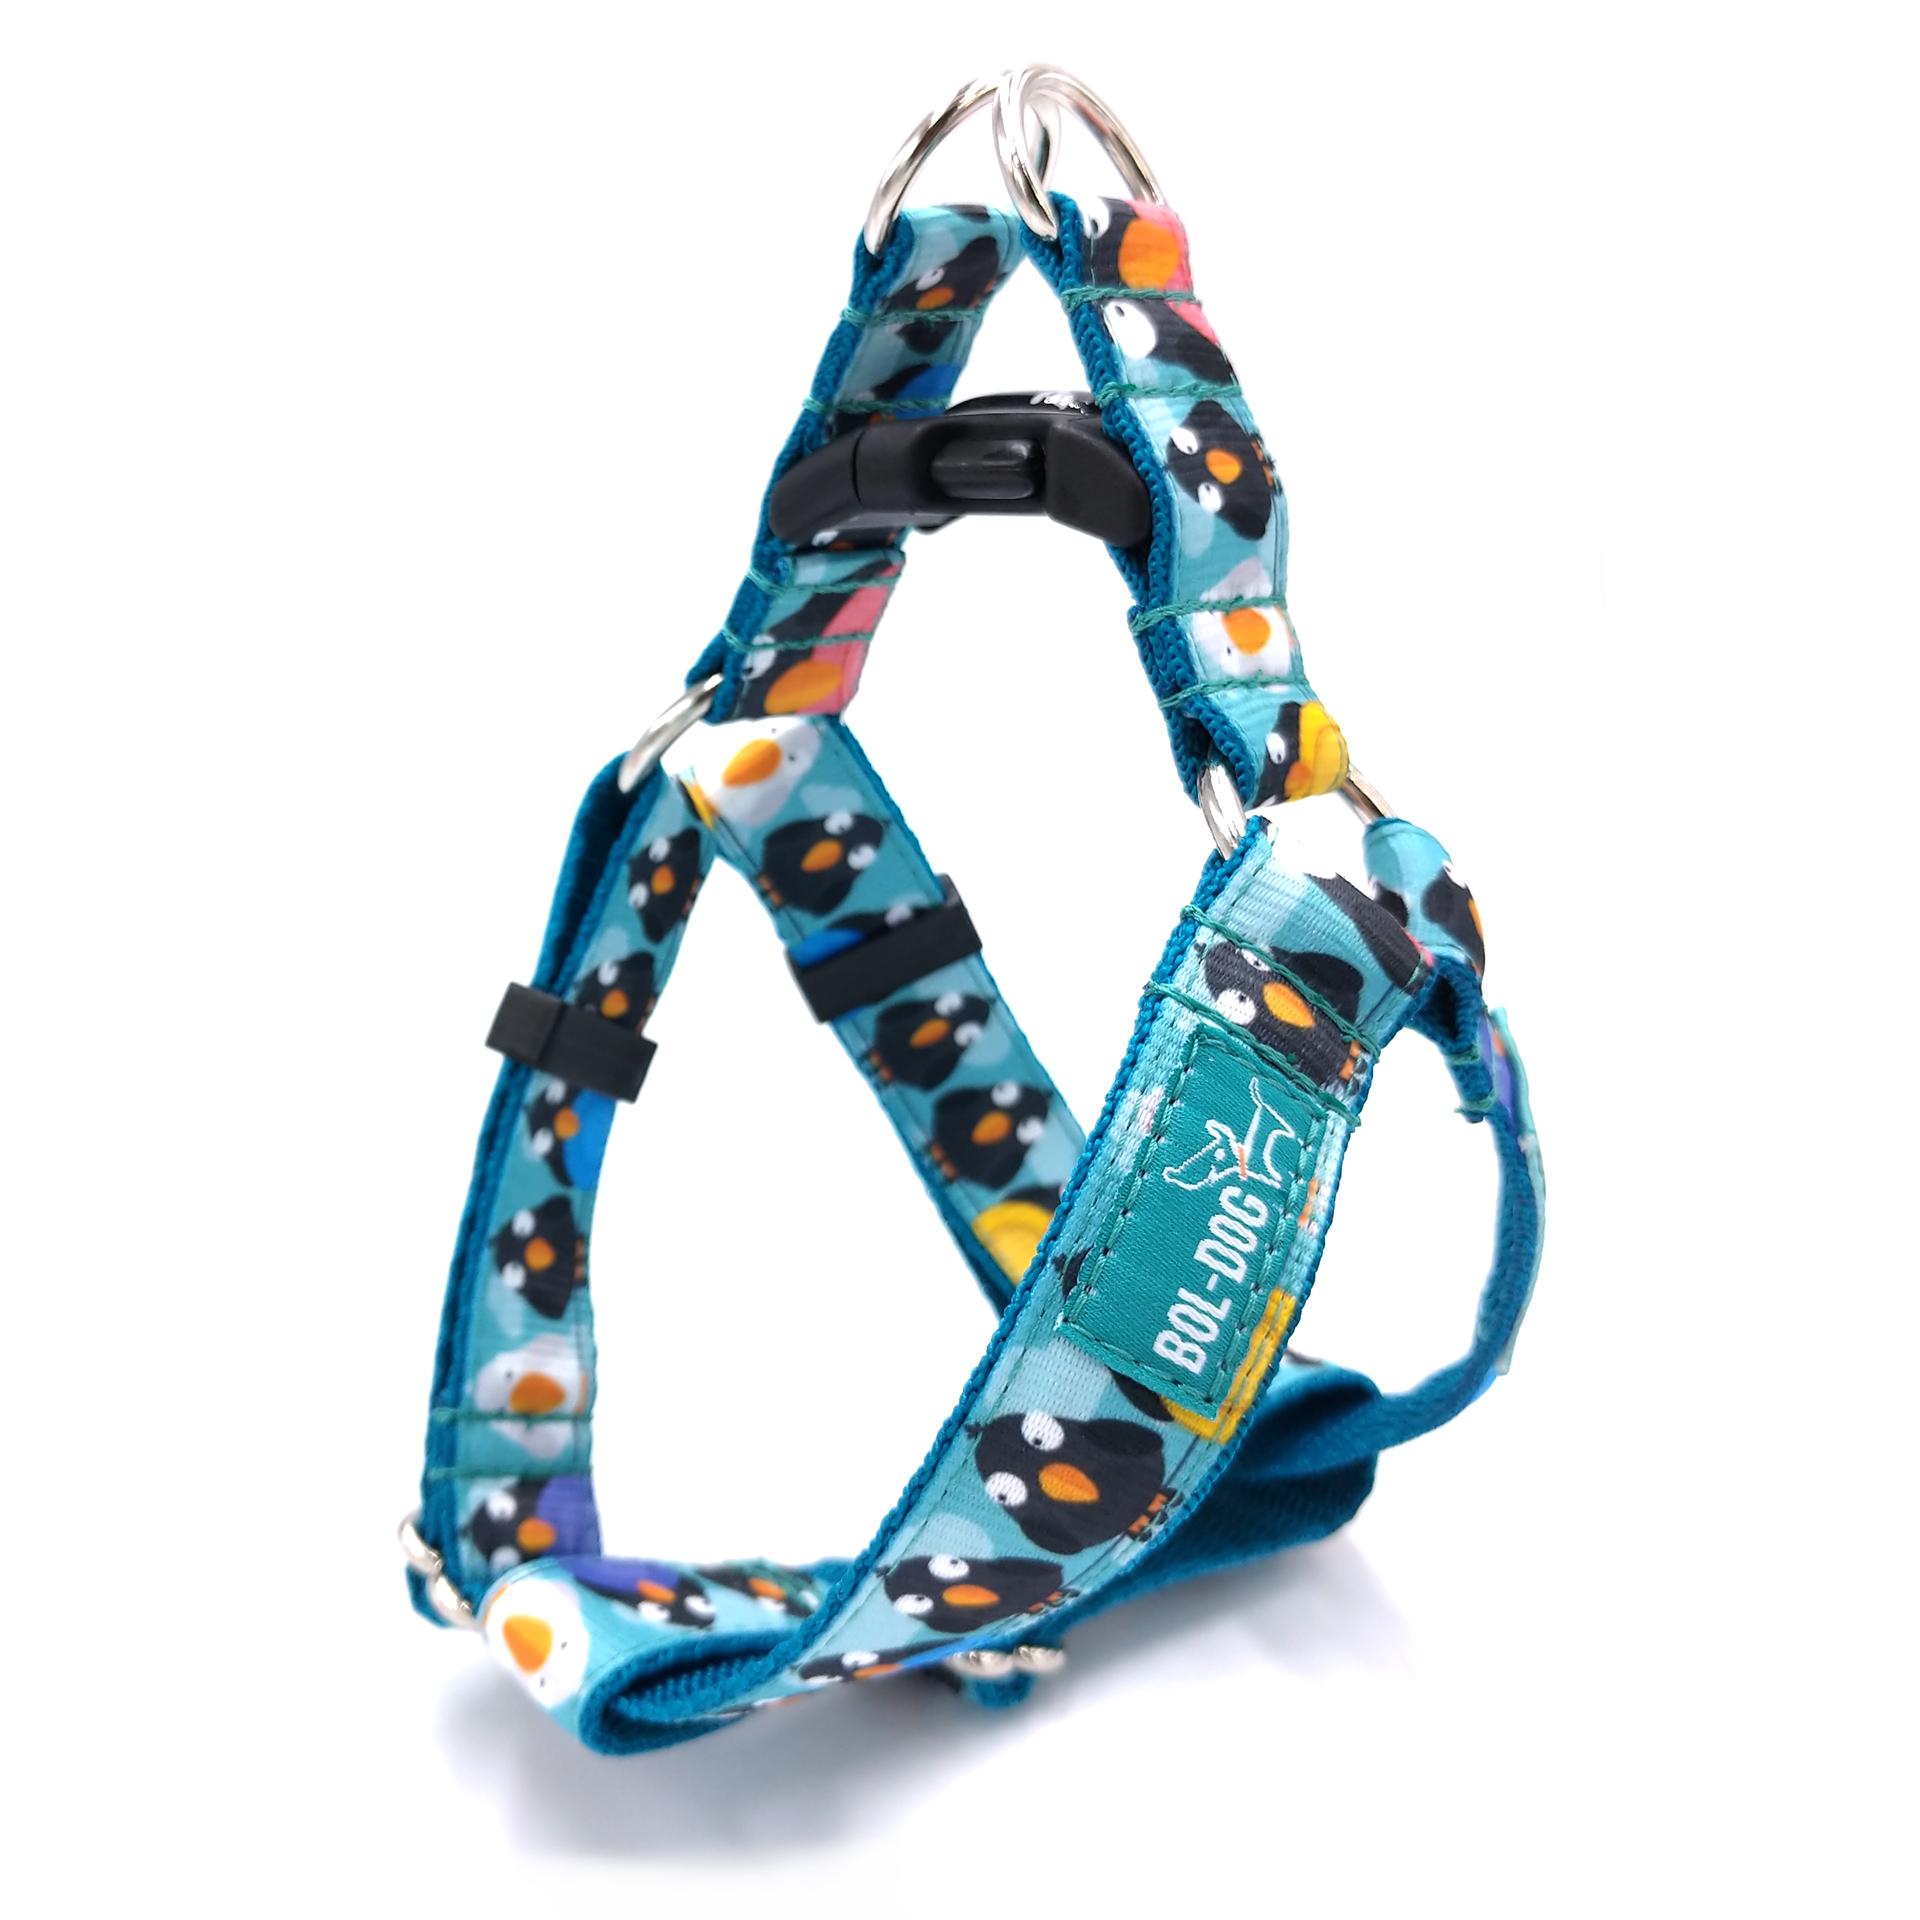 Cuckoo dog harness